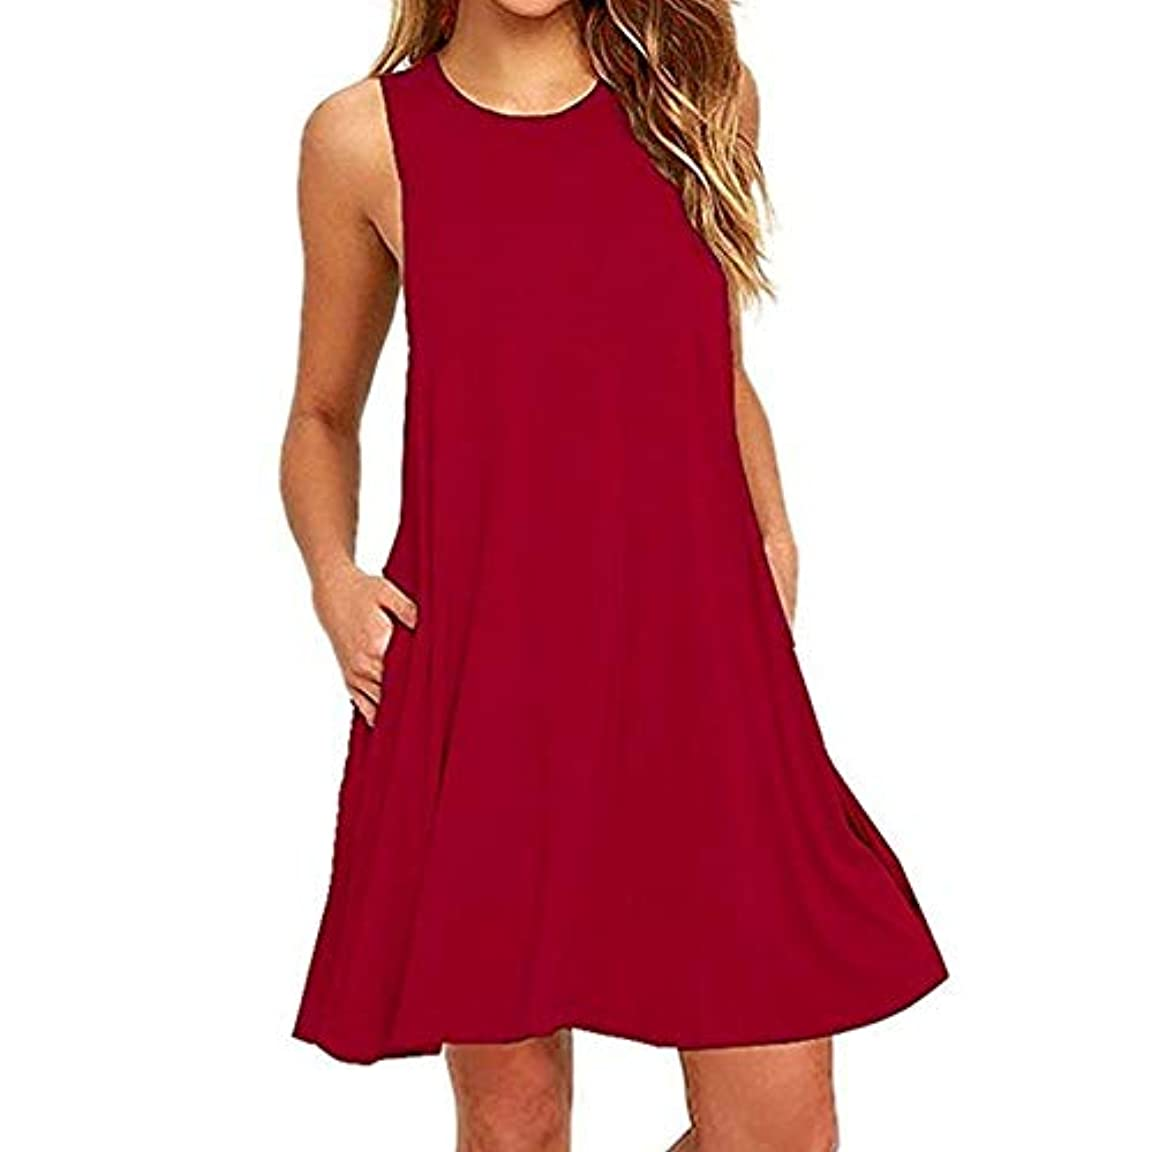 注意磁気変更MIFAN 人の女性のドレス、プラスサイズのドレス、ノースリーブのドレス、ミニドレス、ホルタードレス、コットンドレス